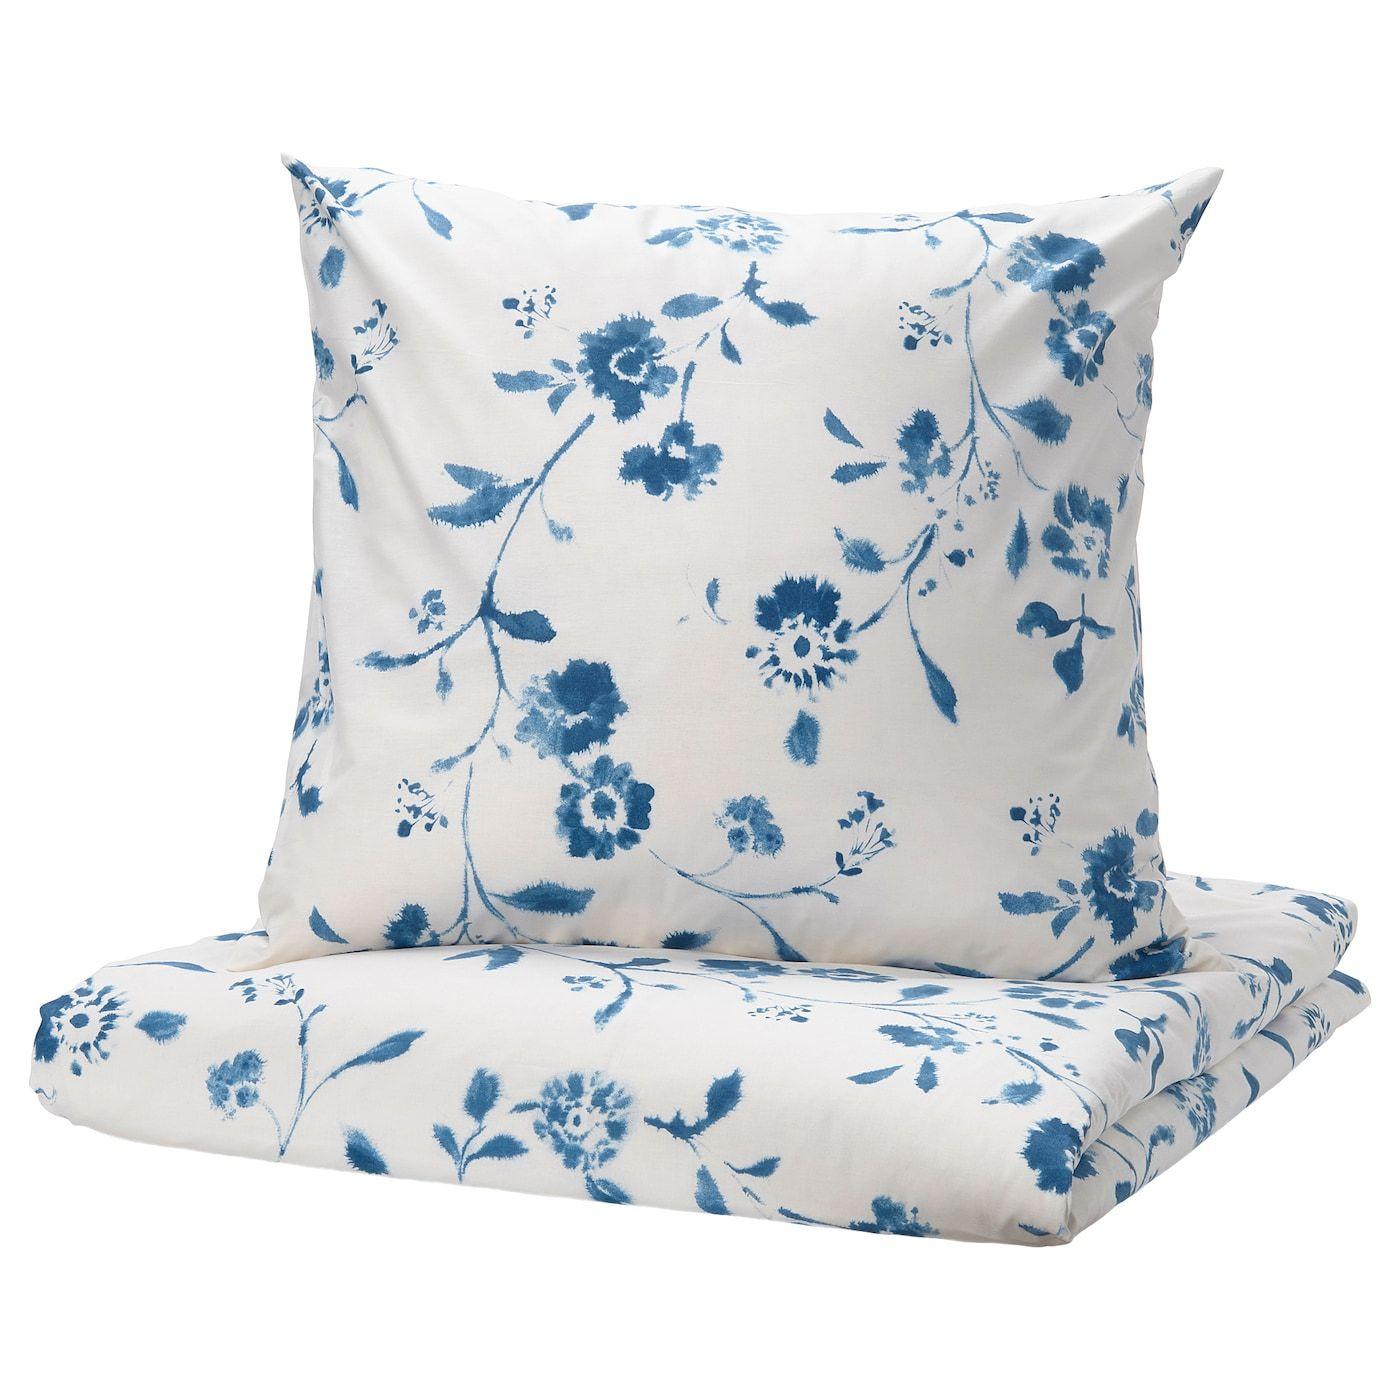 Blagran Housse De Couette Et 2 Taies Blanc Bleu Ikea Housse De Couette Couette Ikea